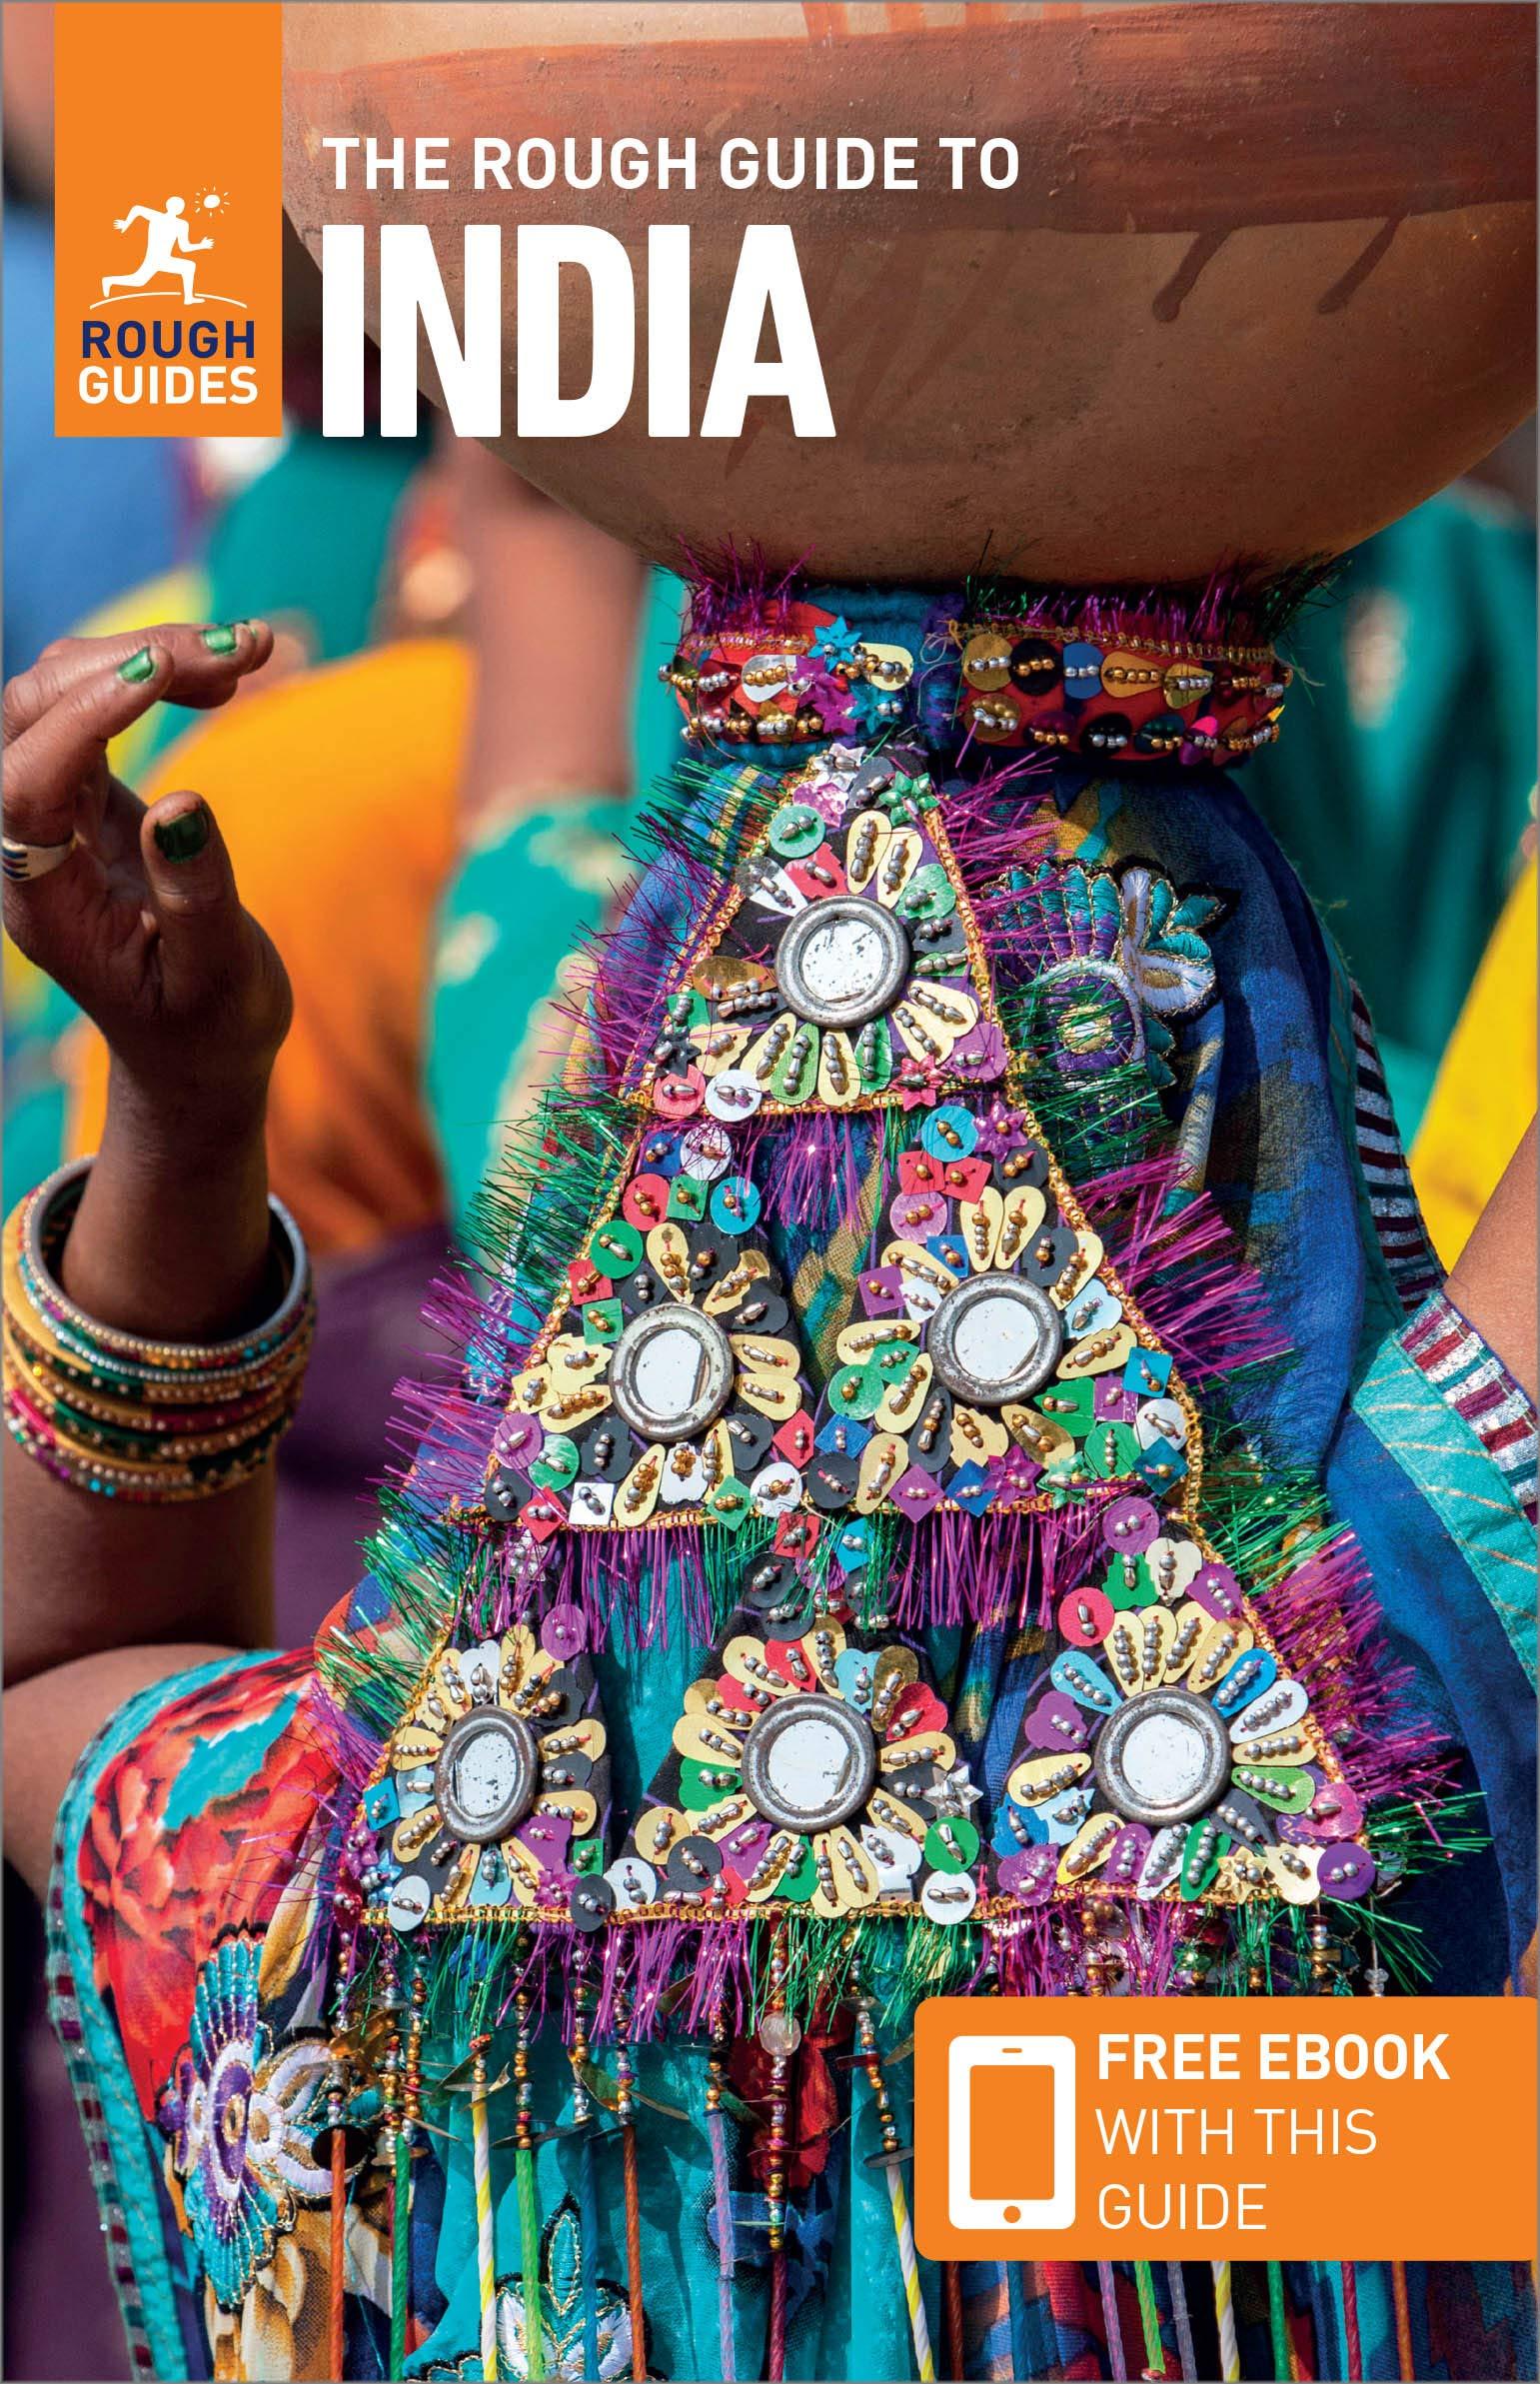 מדריך באנגלית RG הודו